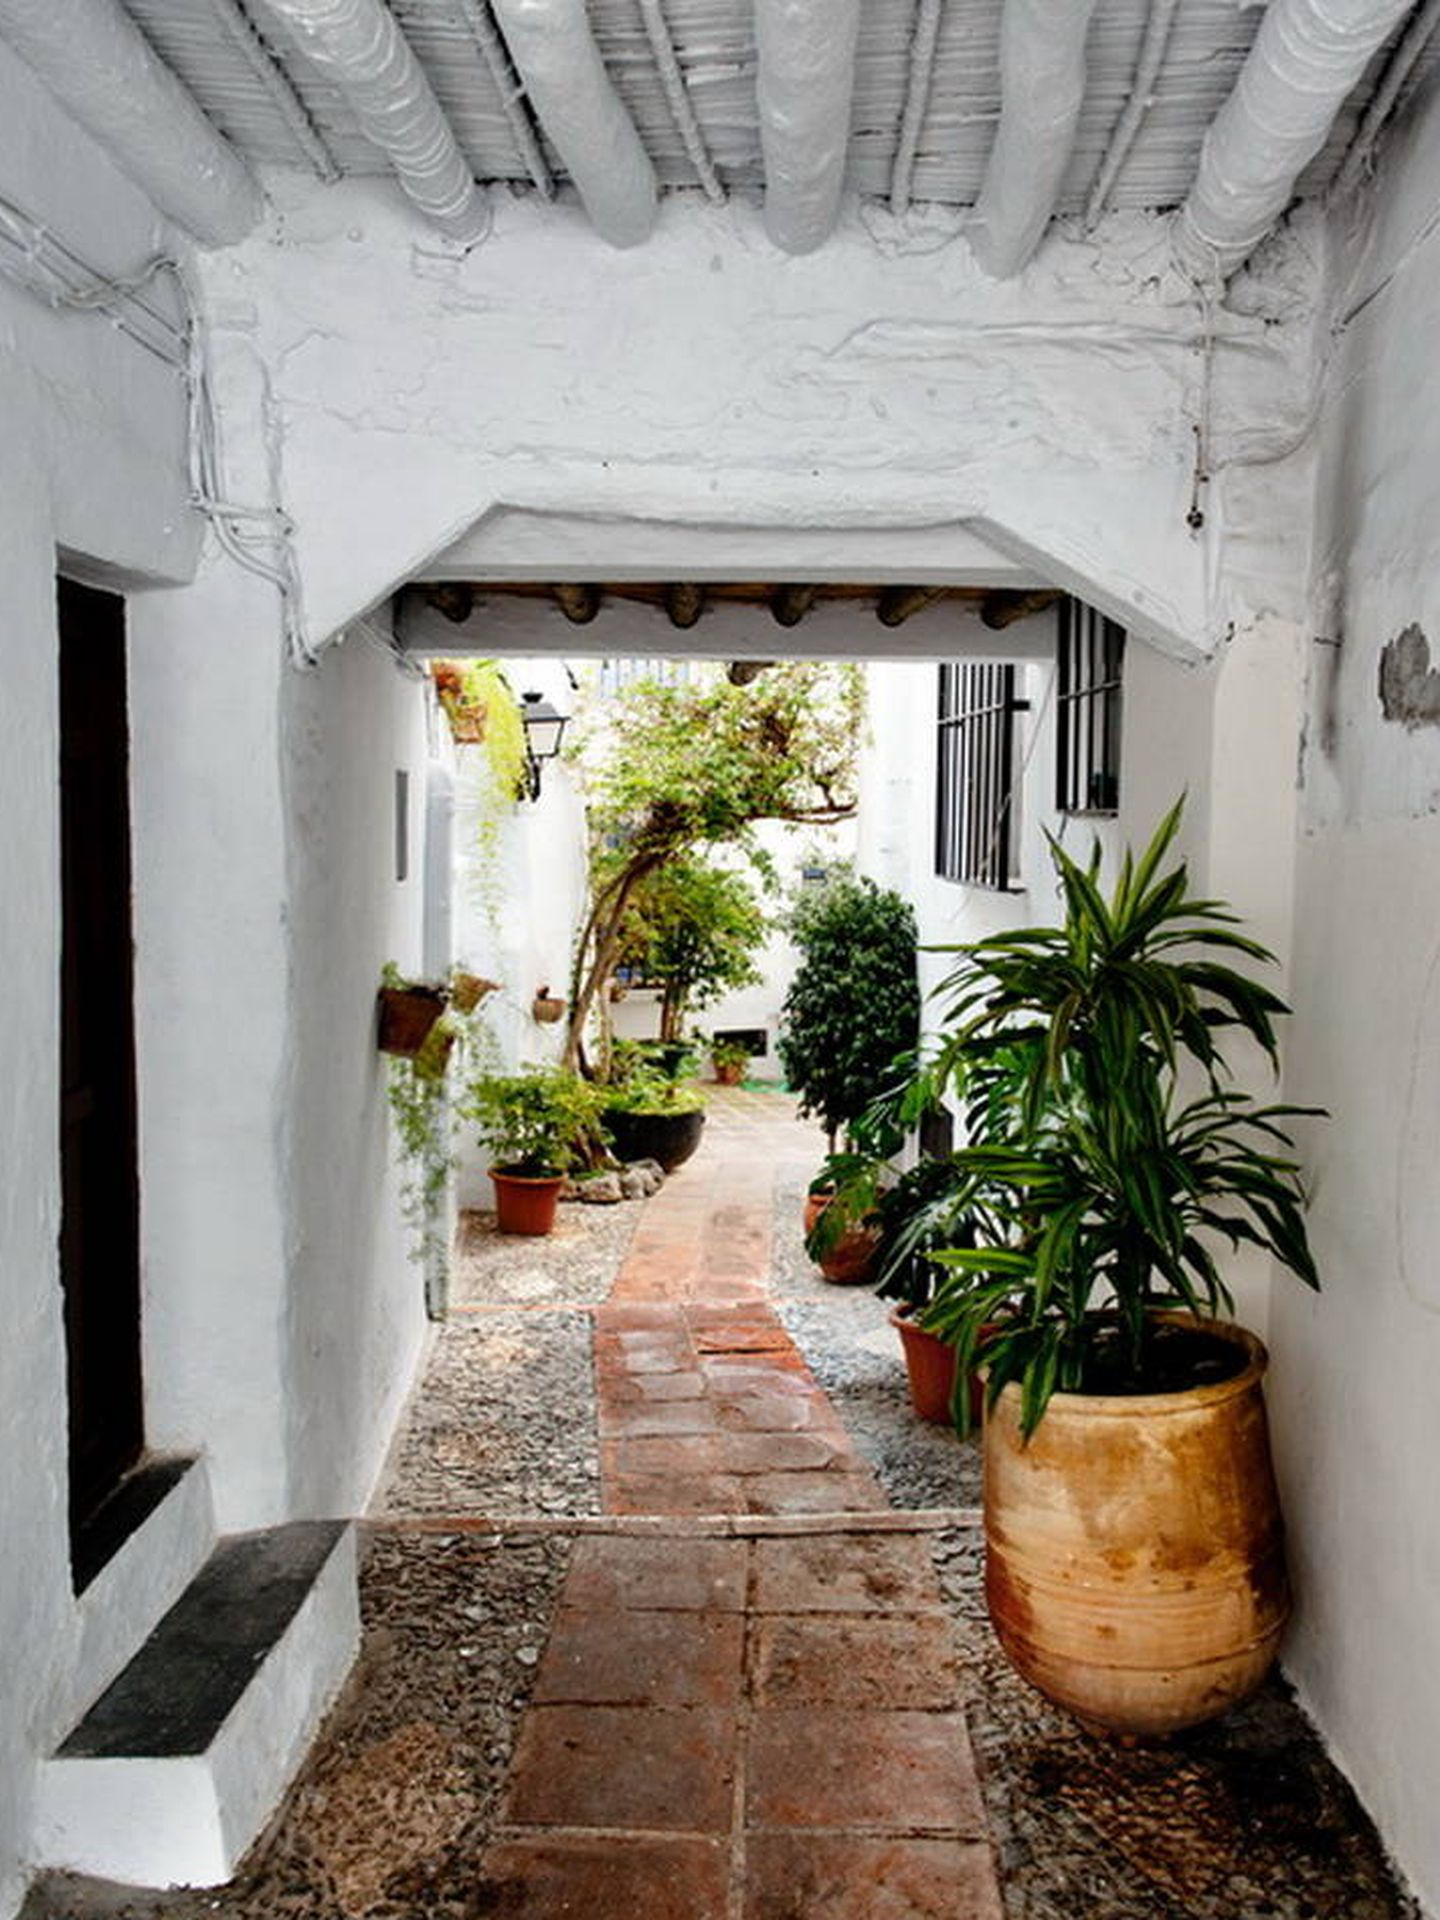 Las calles de este pueblo de la Axarquía. (Foto: Turismo de Frigiliana)